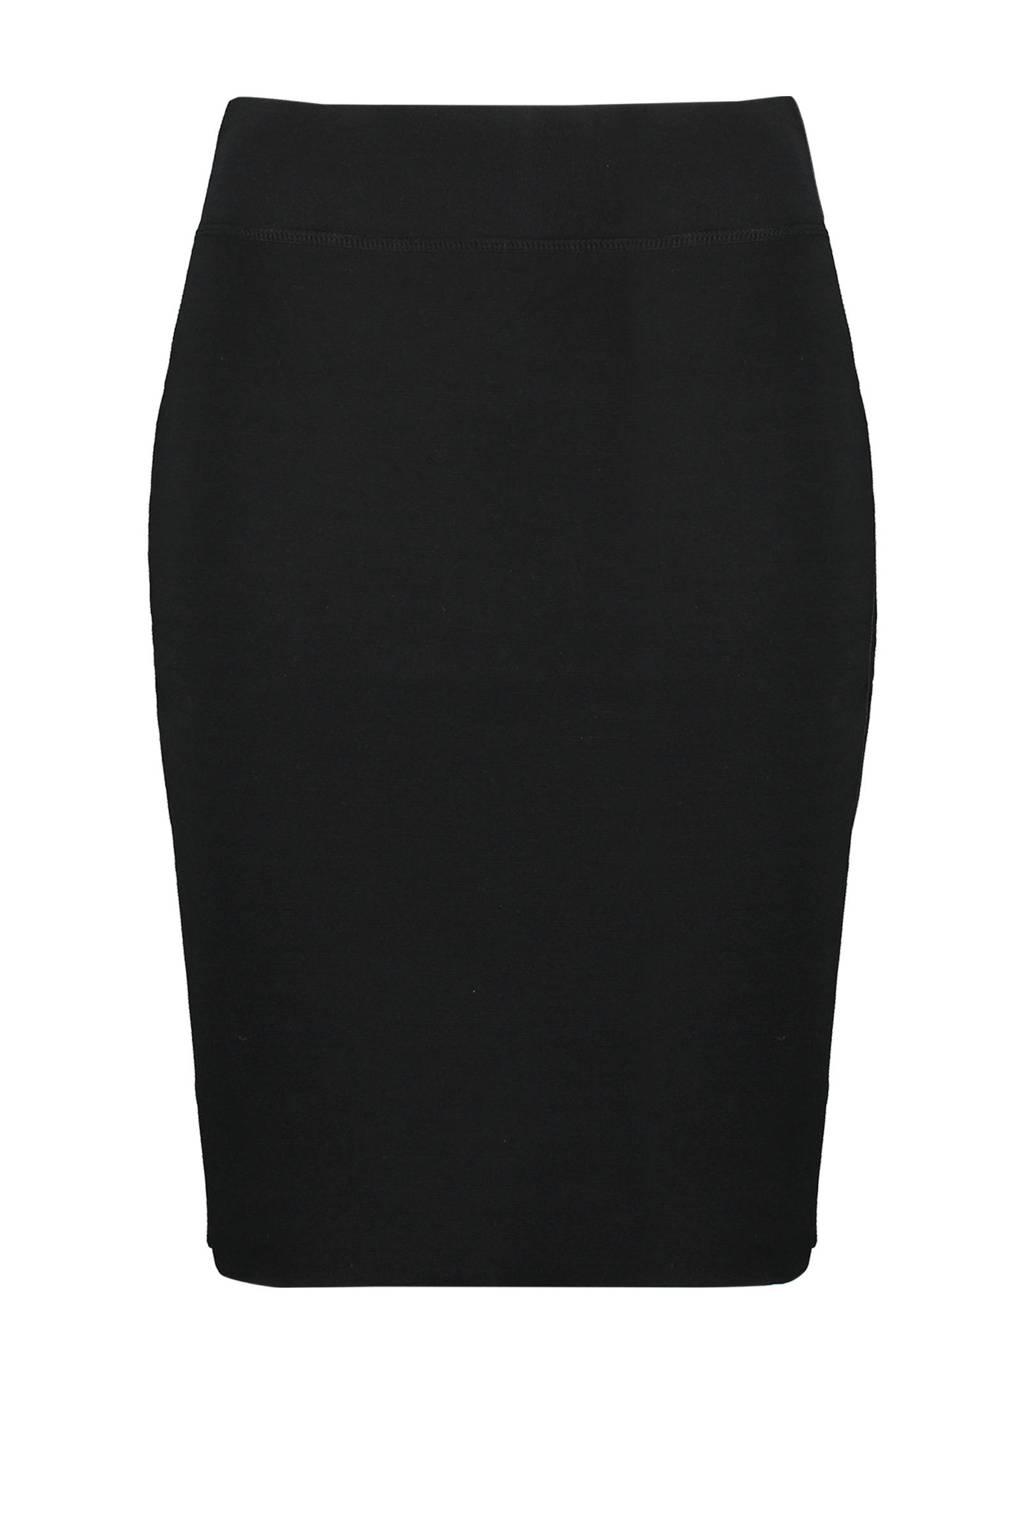 Claudia Sträter rok zwart, Zwart